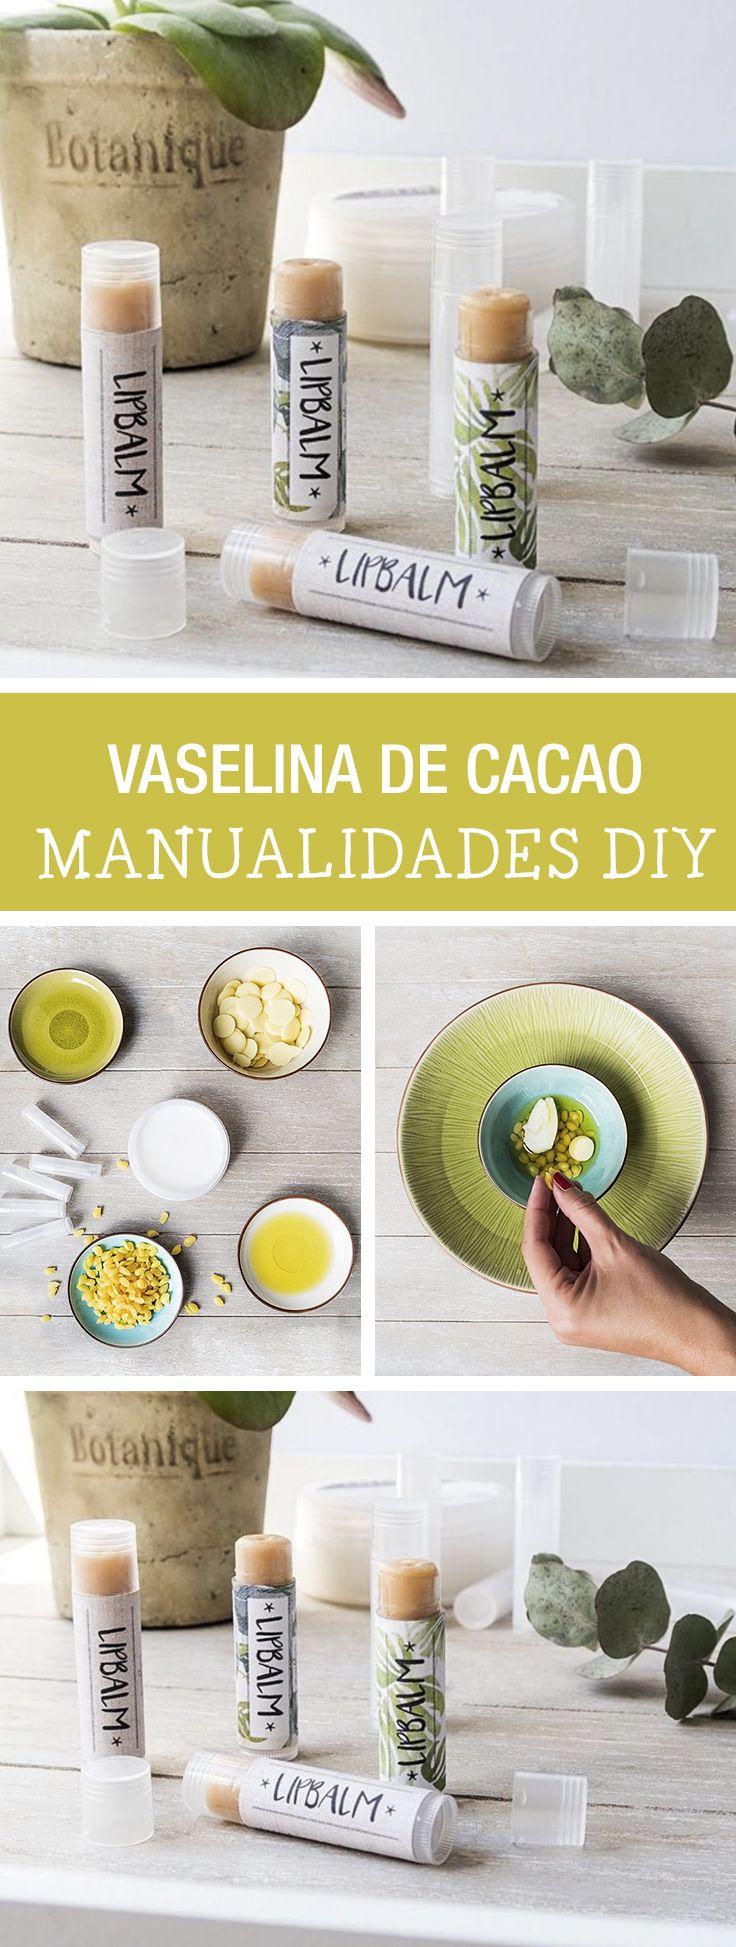 Tutorial DIY - CÓMO HACER VASELINA CON MANTECA DE CACAO - Manualidades en DaWanda.es